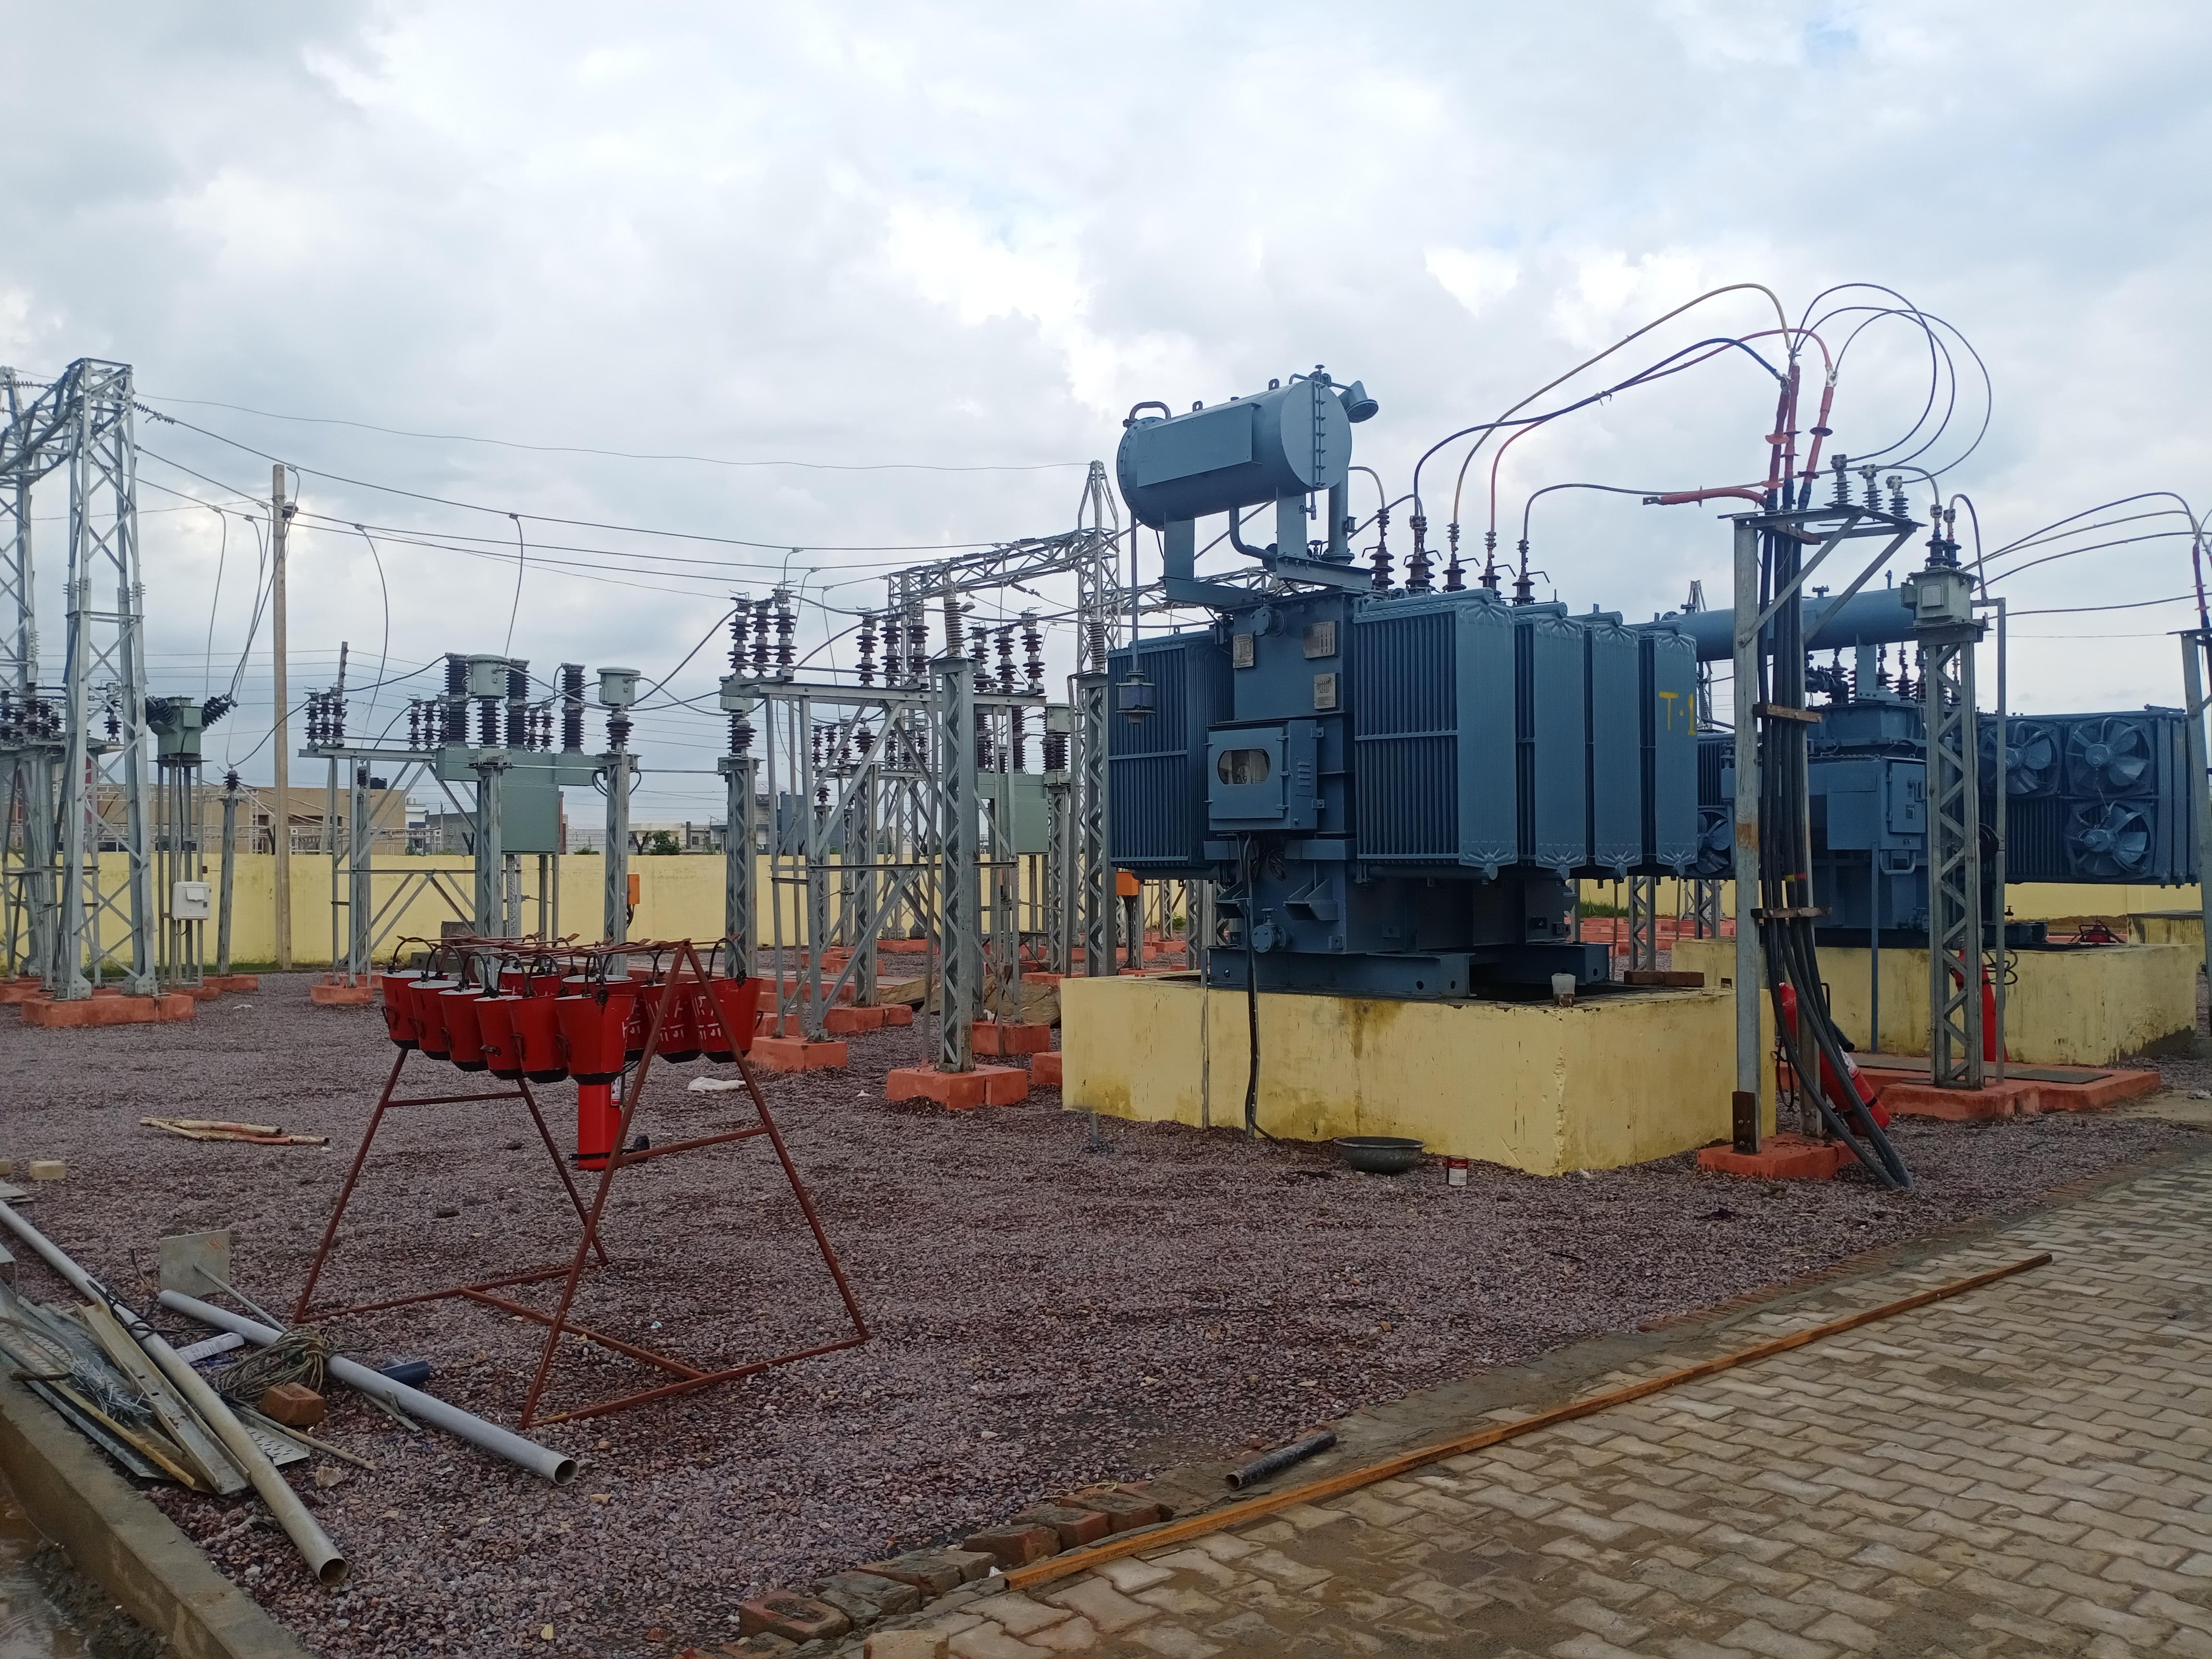 सेक्टर 5 में 33 केवी क्षमता का नया सब स्टेशन बनाकर  किया चालू। - Dainik Bhaskar